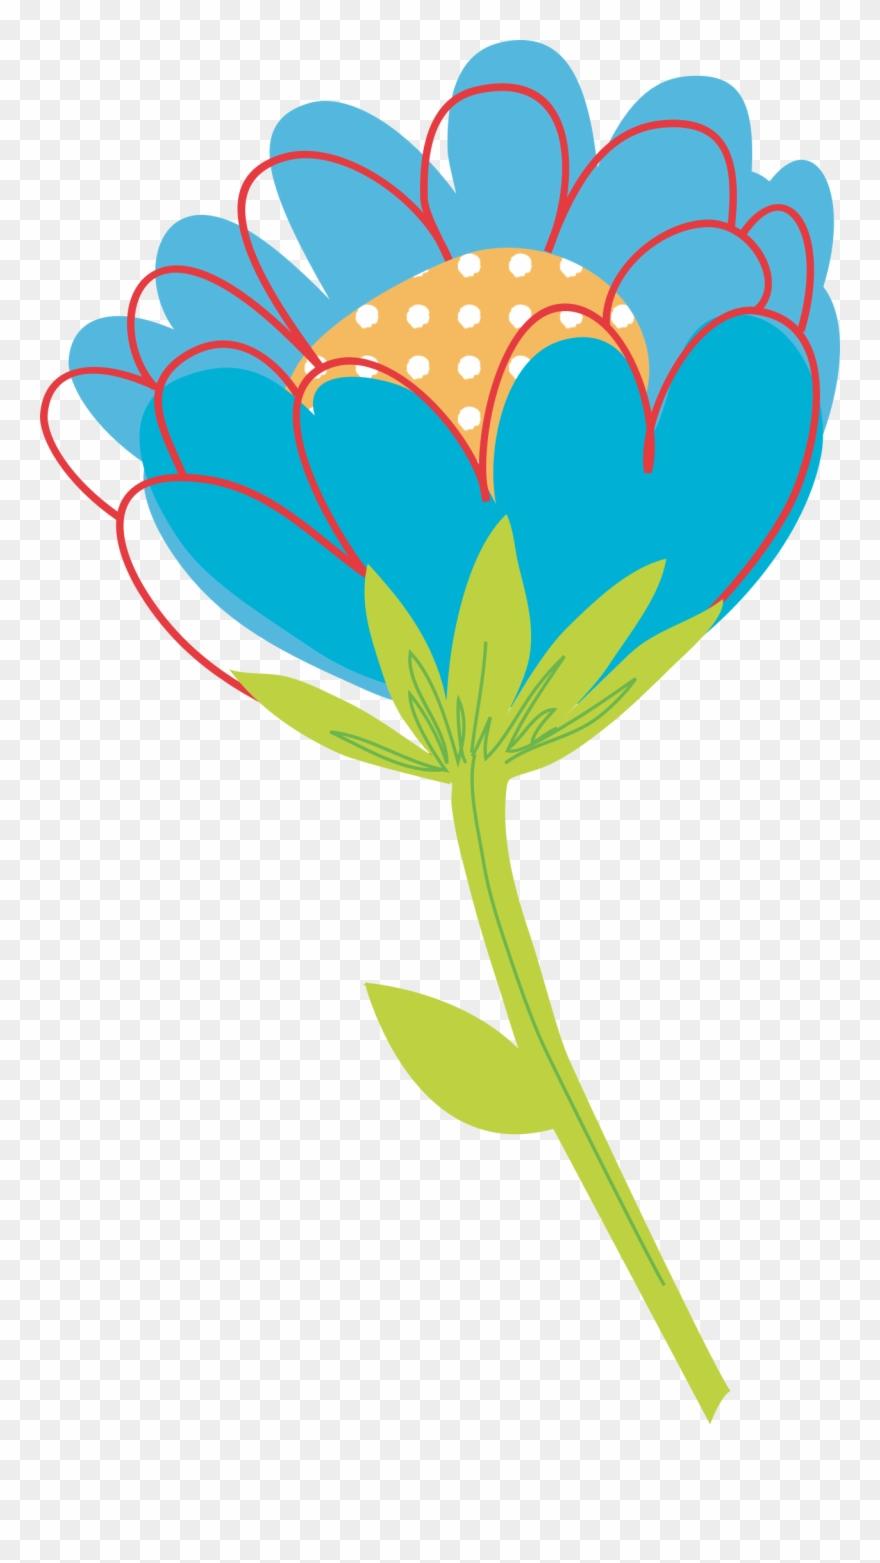 Flower vector graphics clipart. Flowers vectors plant single